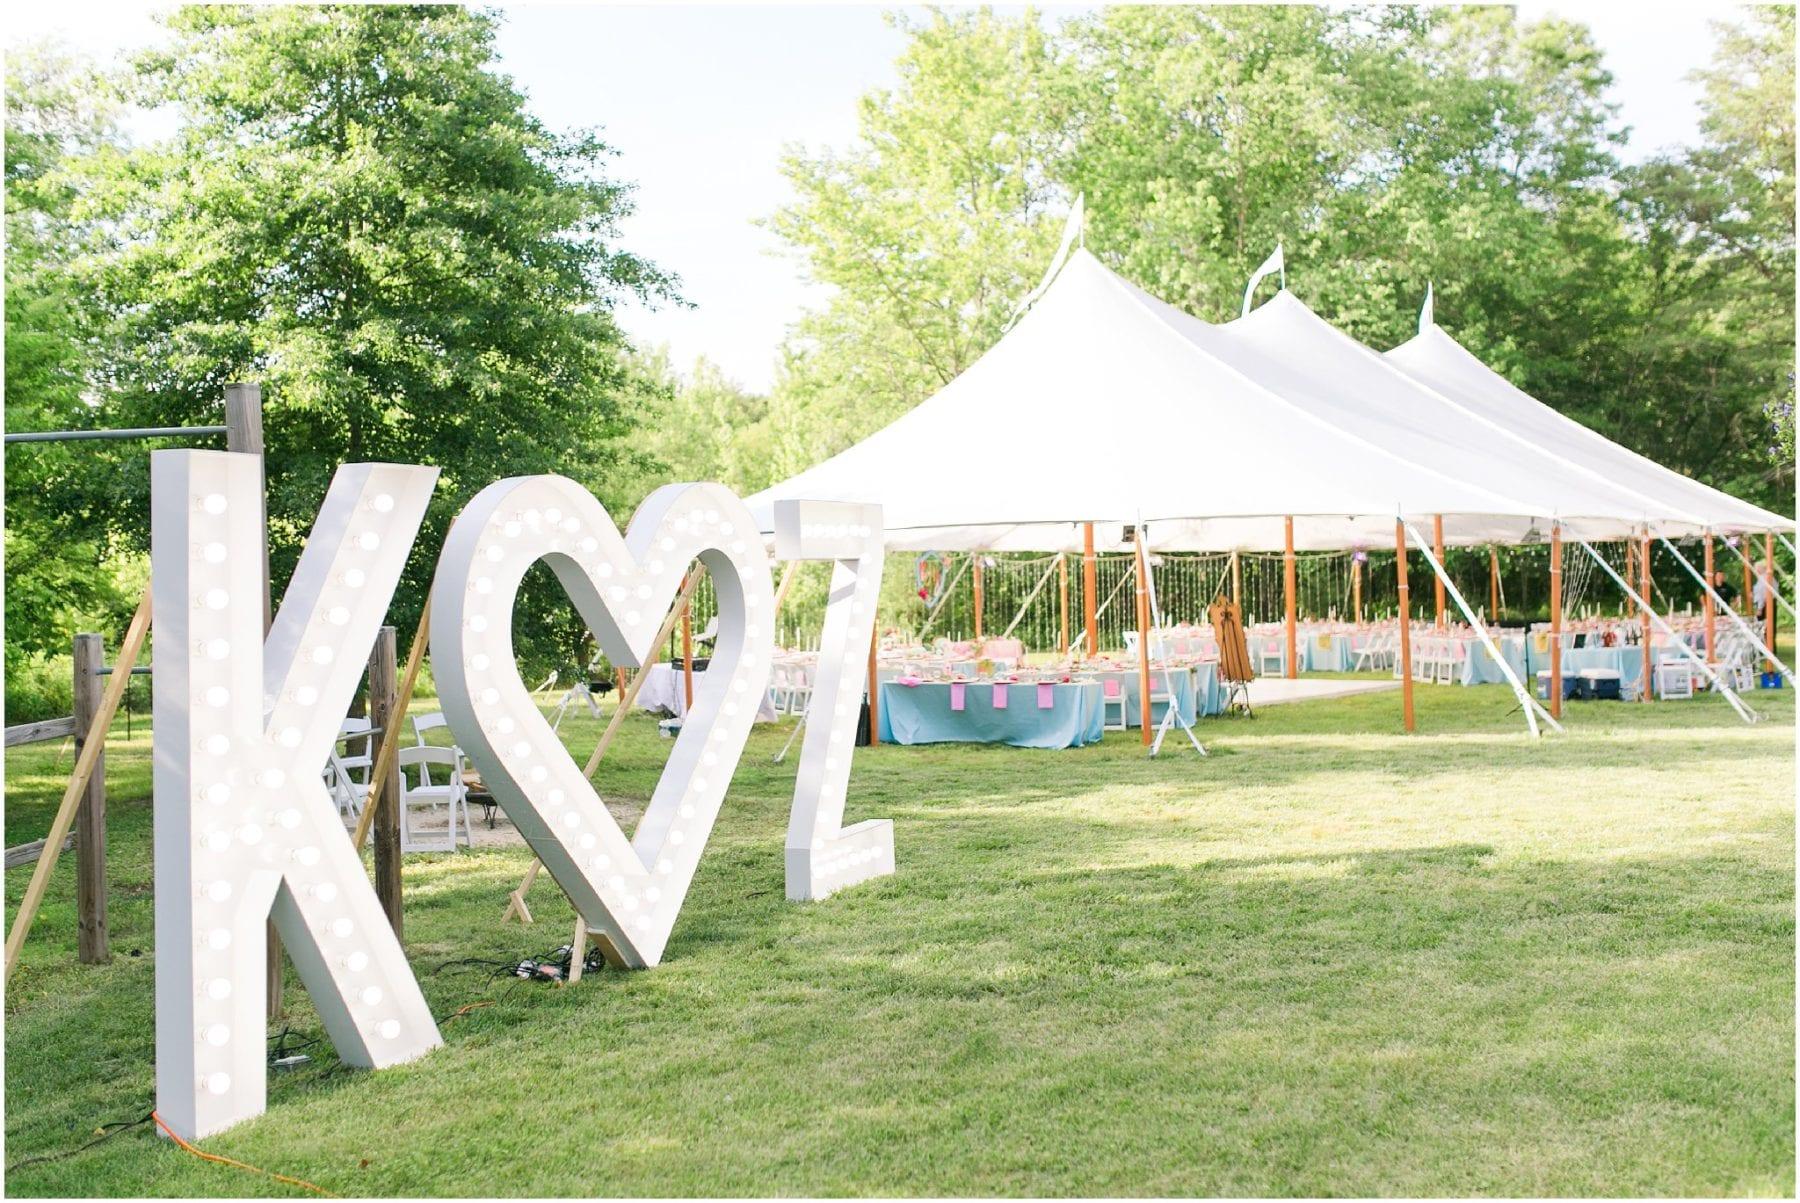 Maryland Backyard Wedding Photos Kelly & Zach Megan Kelsey Photography-200.jpg